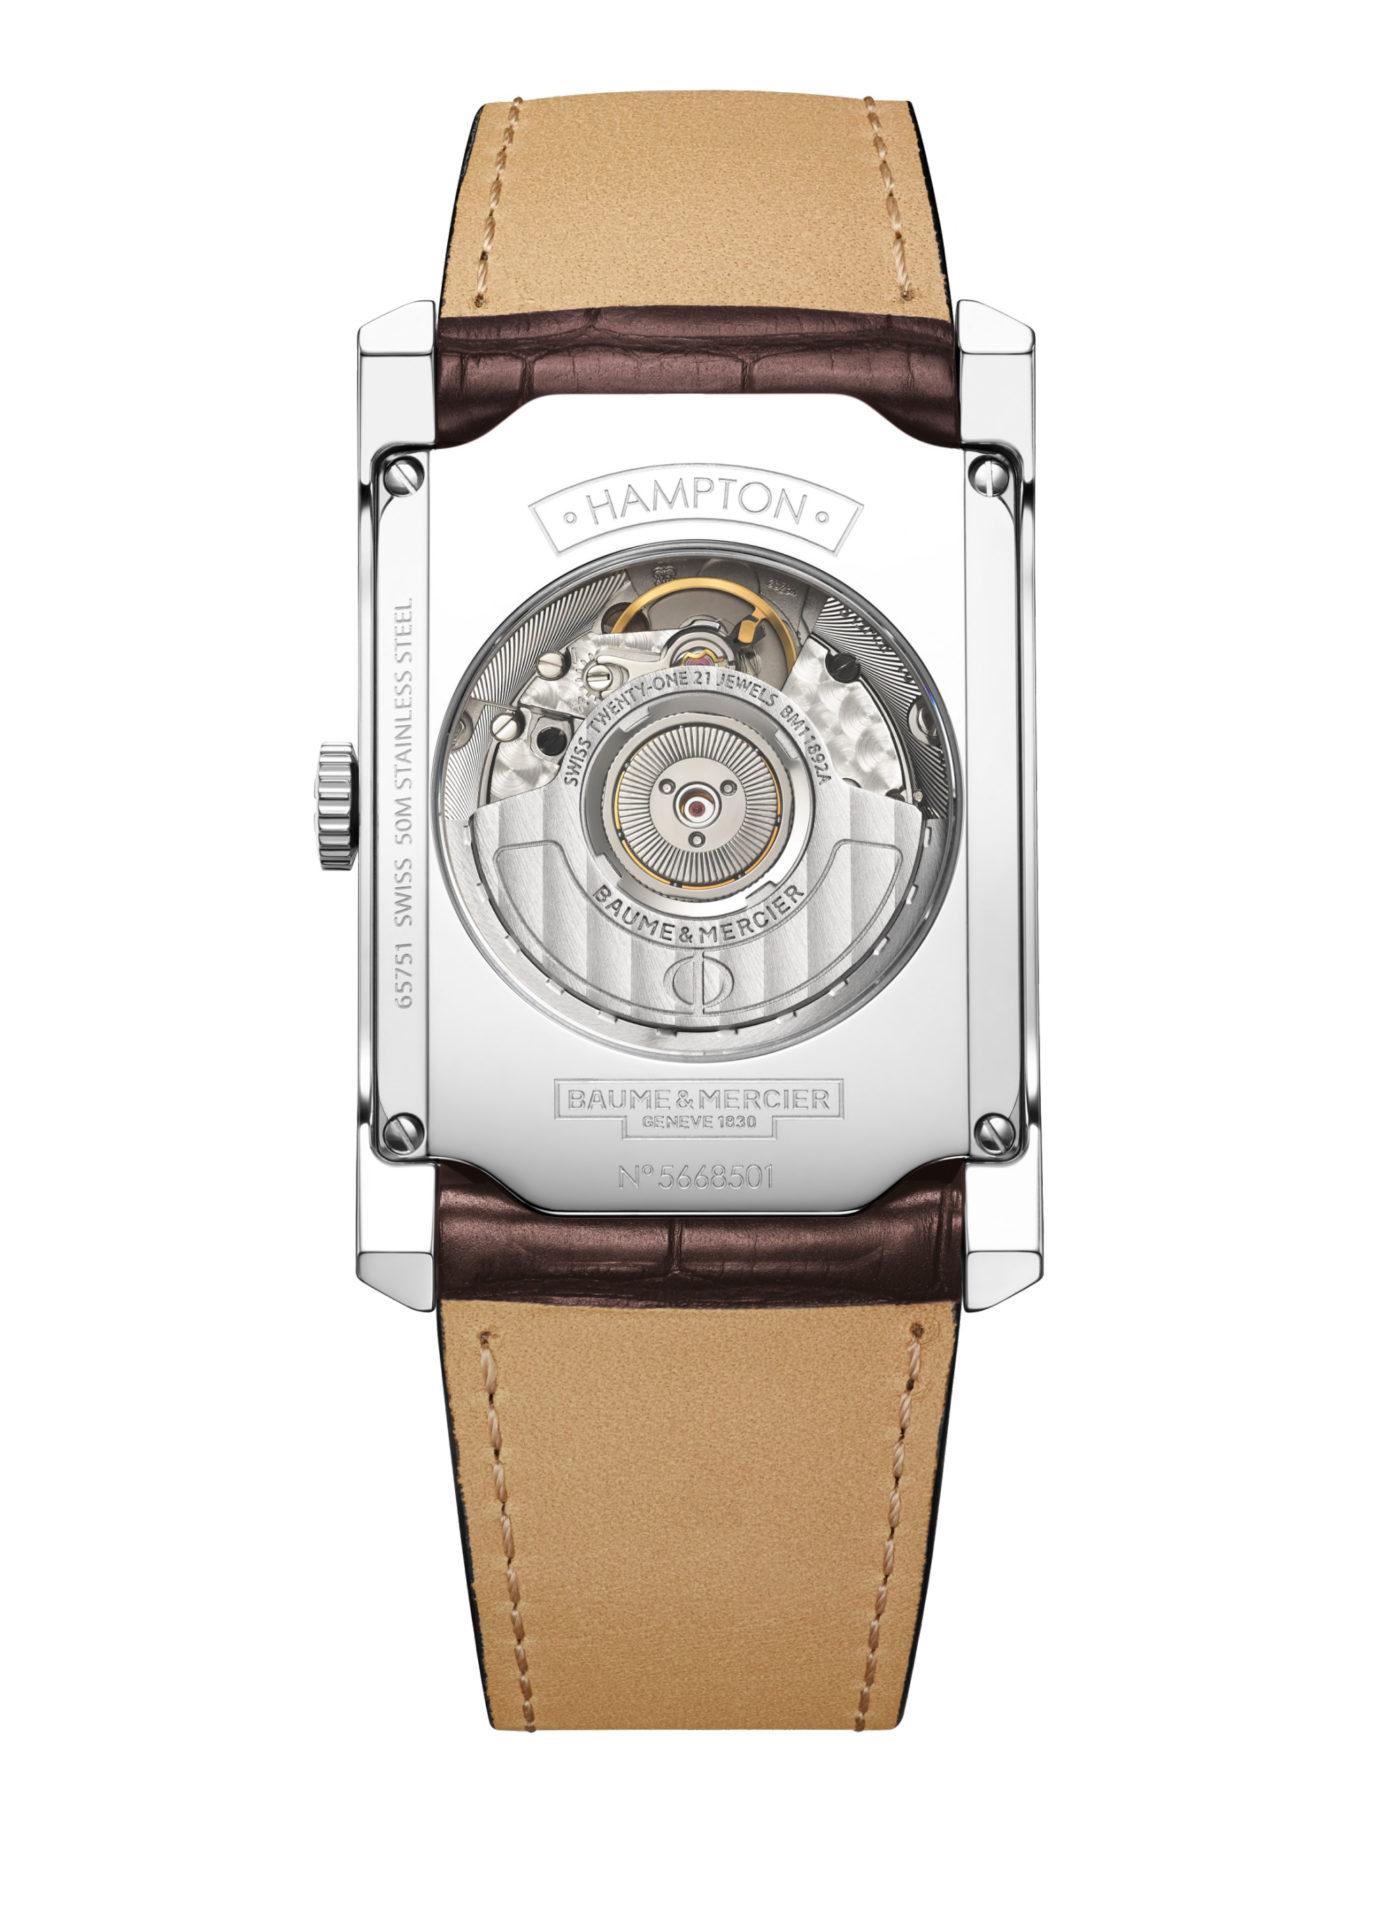 Baume-&-Mercier-Hampton-10156*-Hall-of-Time